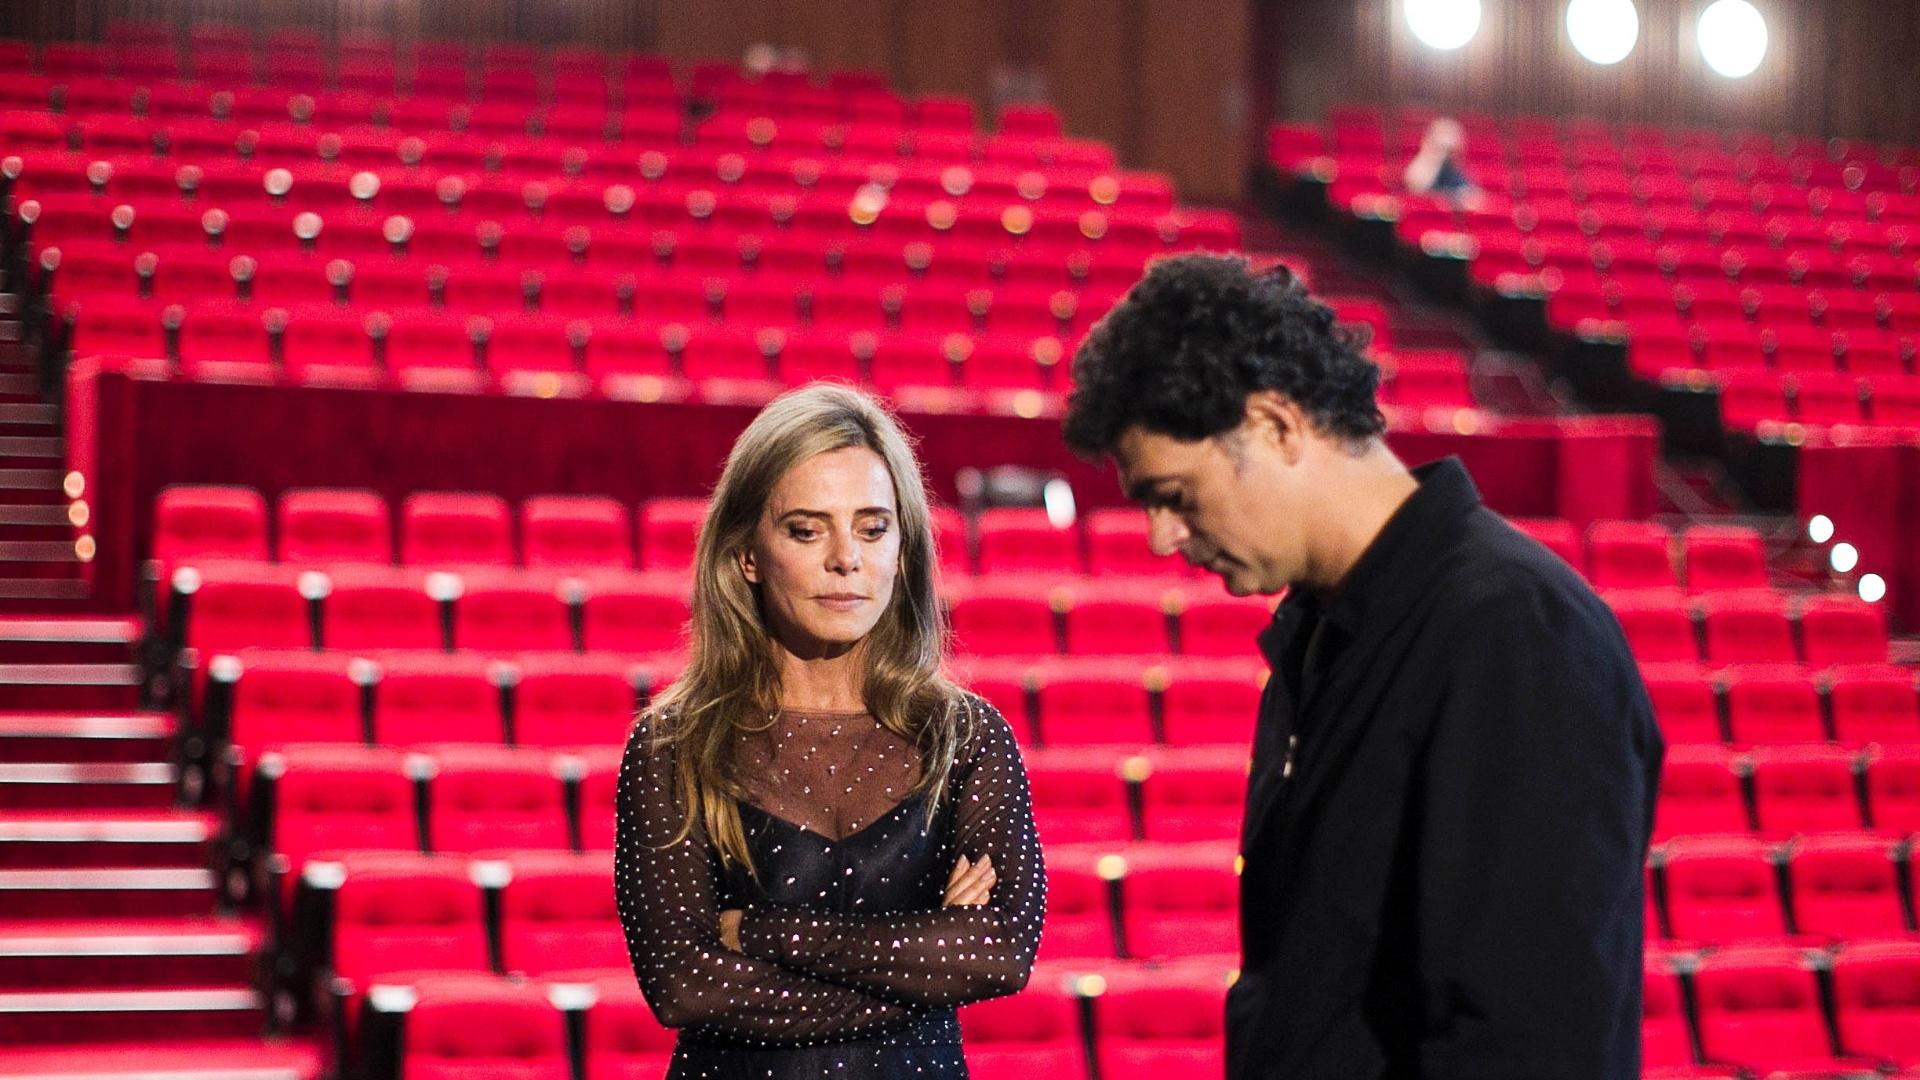 04.jul.2013 - Os atores Bruna Lombardi e Du Moscovis durante gravação do filme